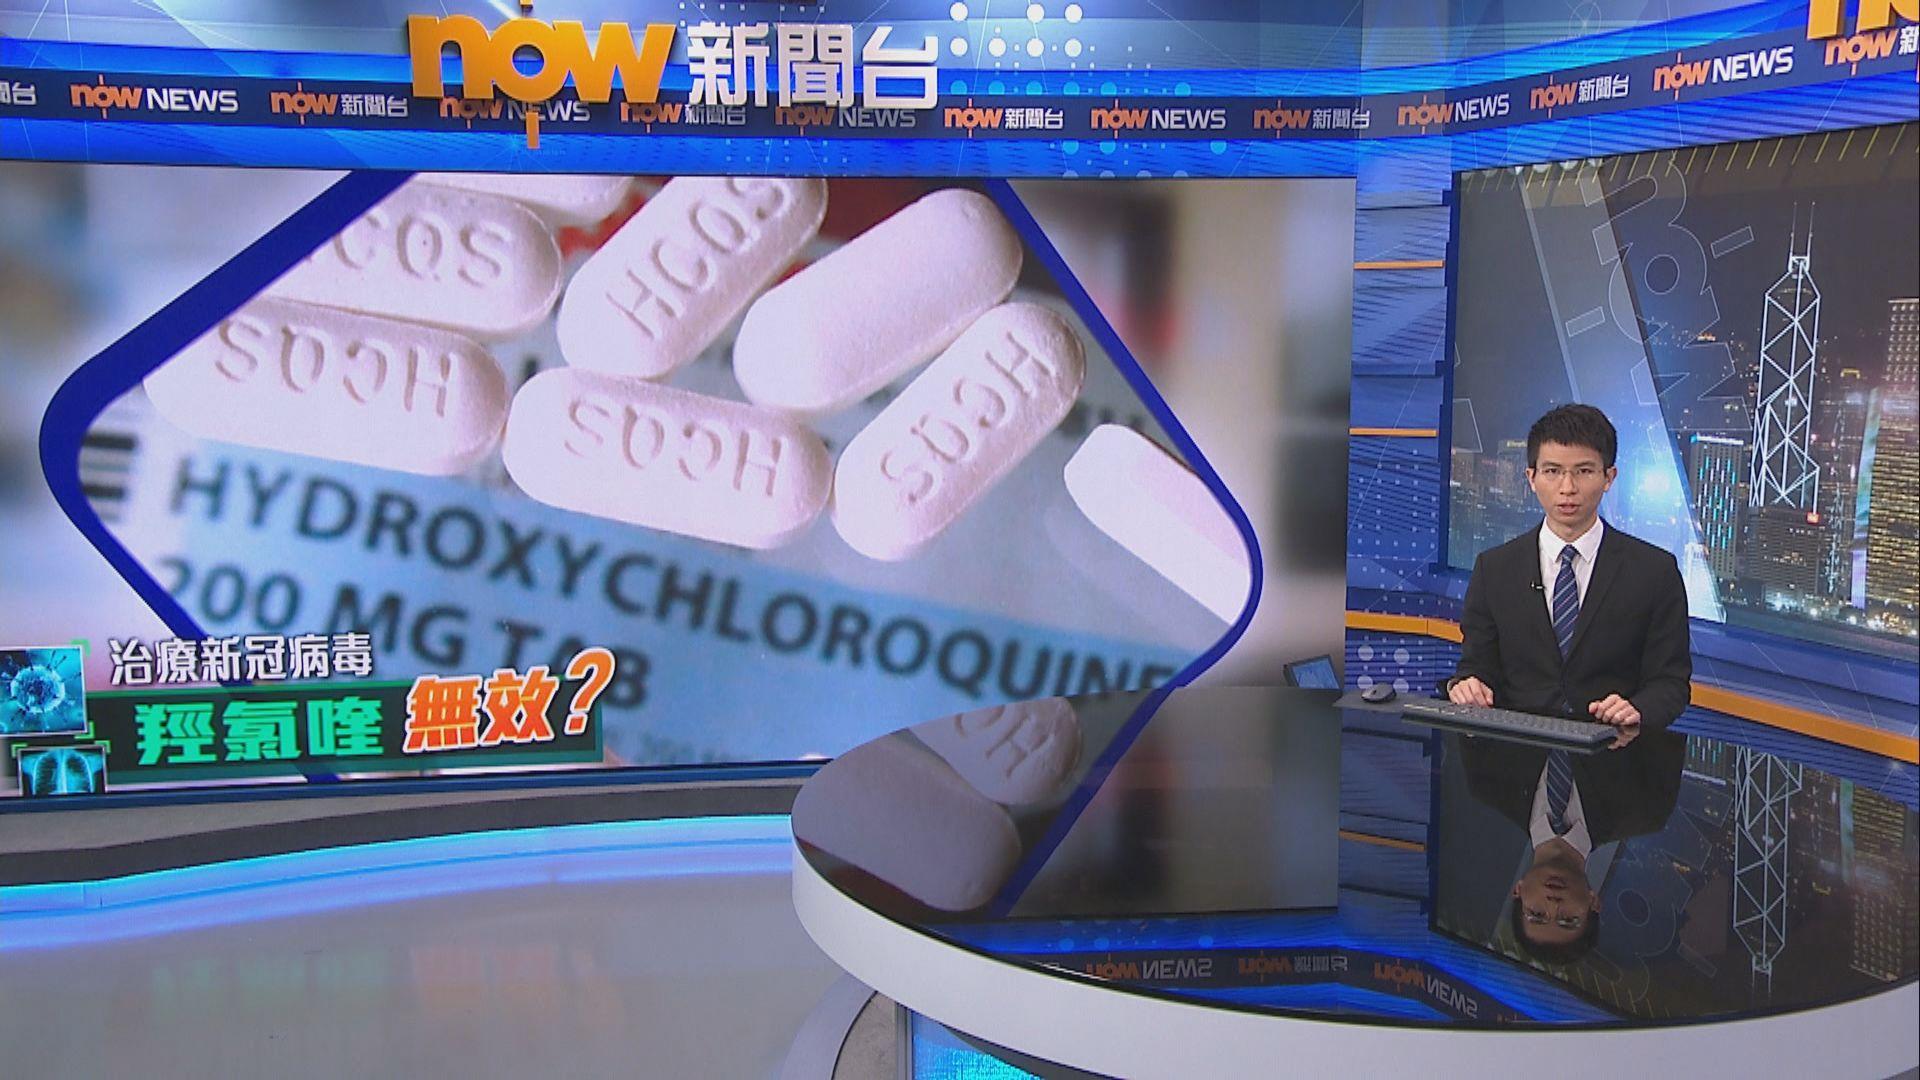 研究指藥物羥氯喹對治療新冠病毒無效